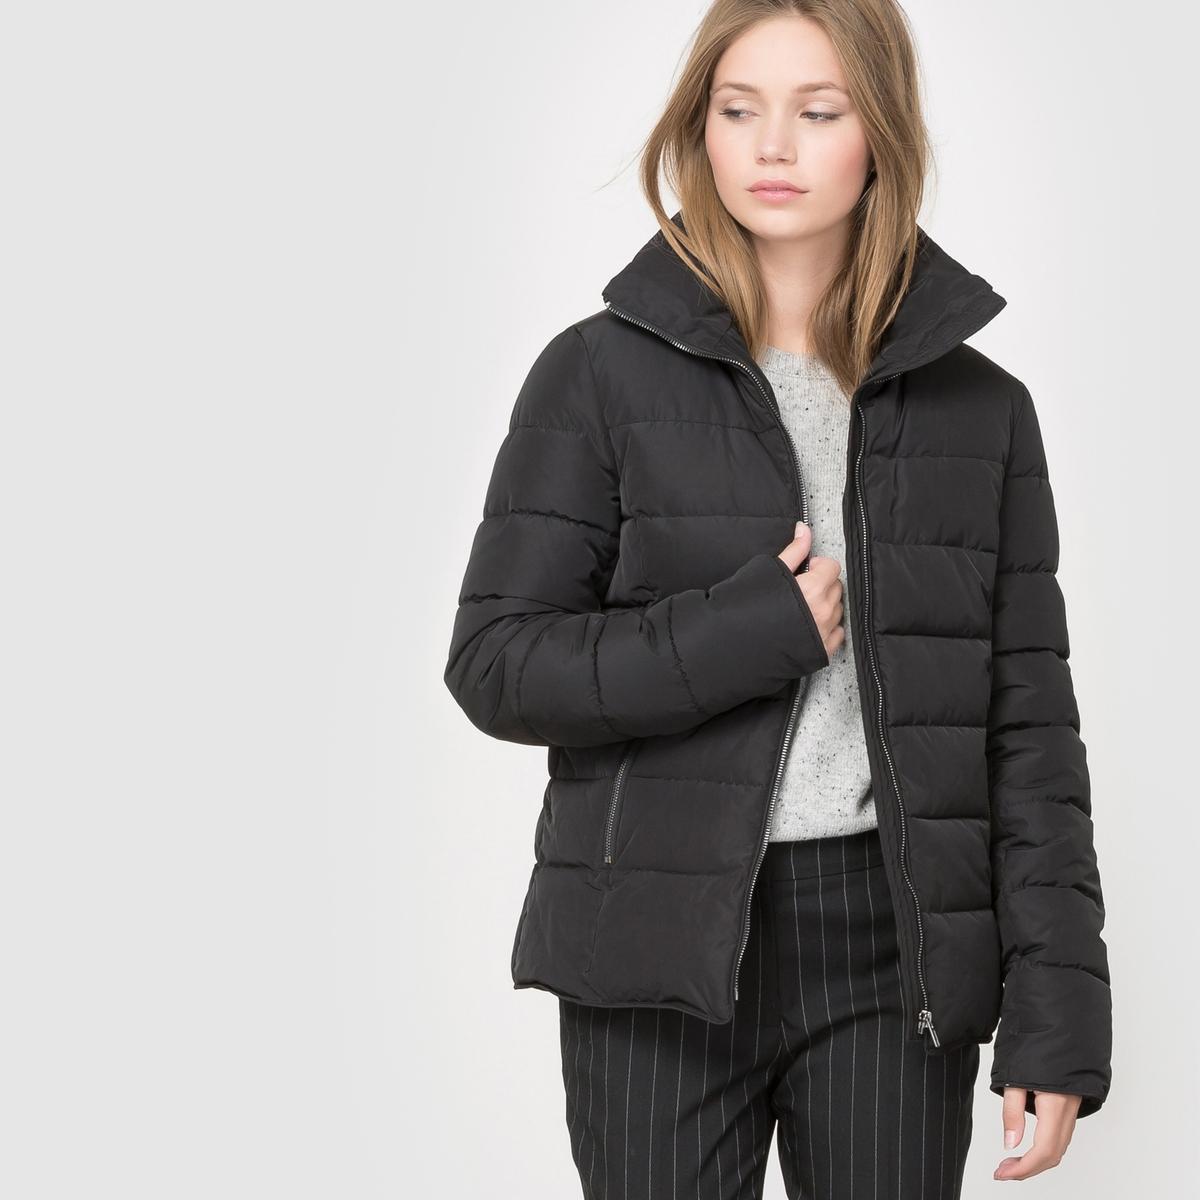 Куртка стеганая короткаяСостав и описаниеМарка: R Essentiel.Материал: 100% полиамидаДлина: ?УходНе стирать в водеНе гладитьТолько сухая чистка.<br><br>Цвет: черный